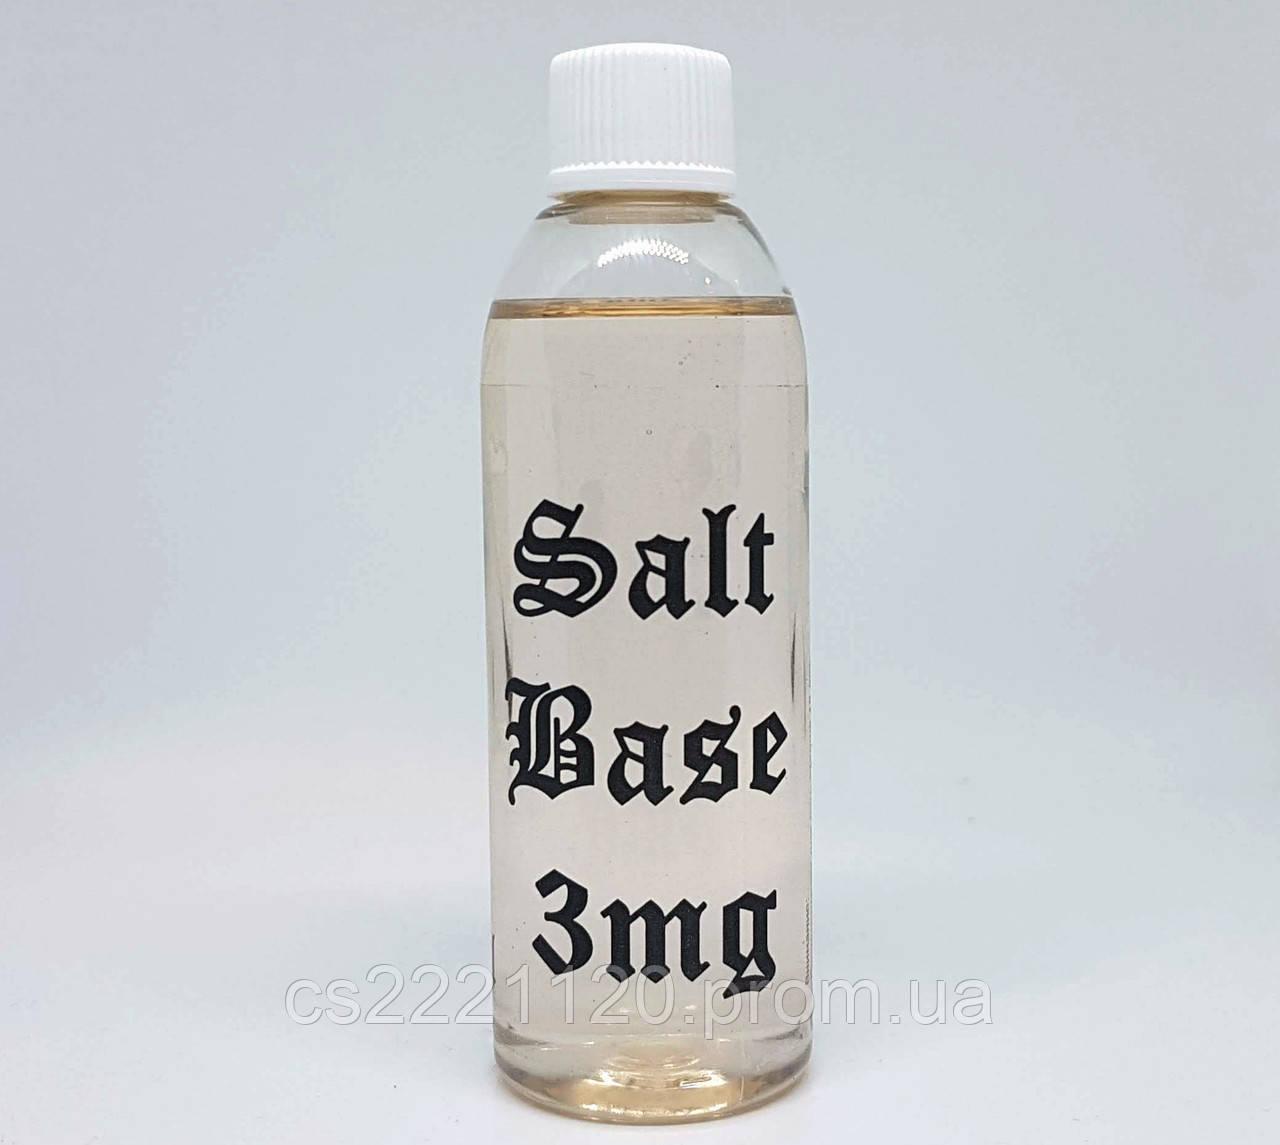 Солевая база (Salt base) 3 mg/ml. 70/30 0.1л.